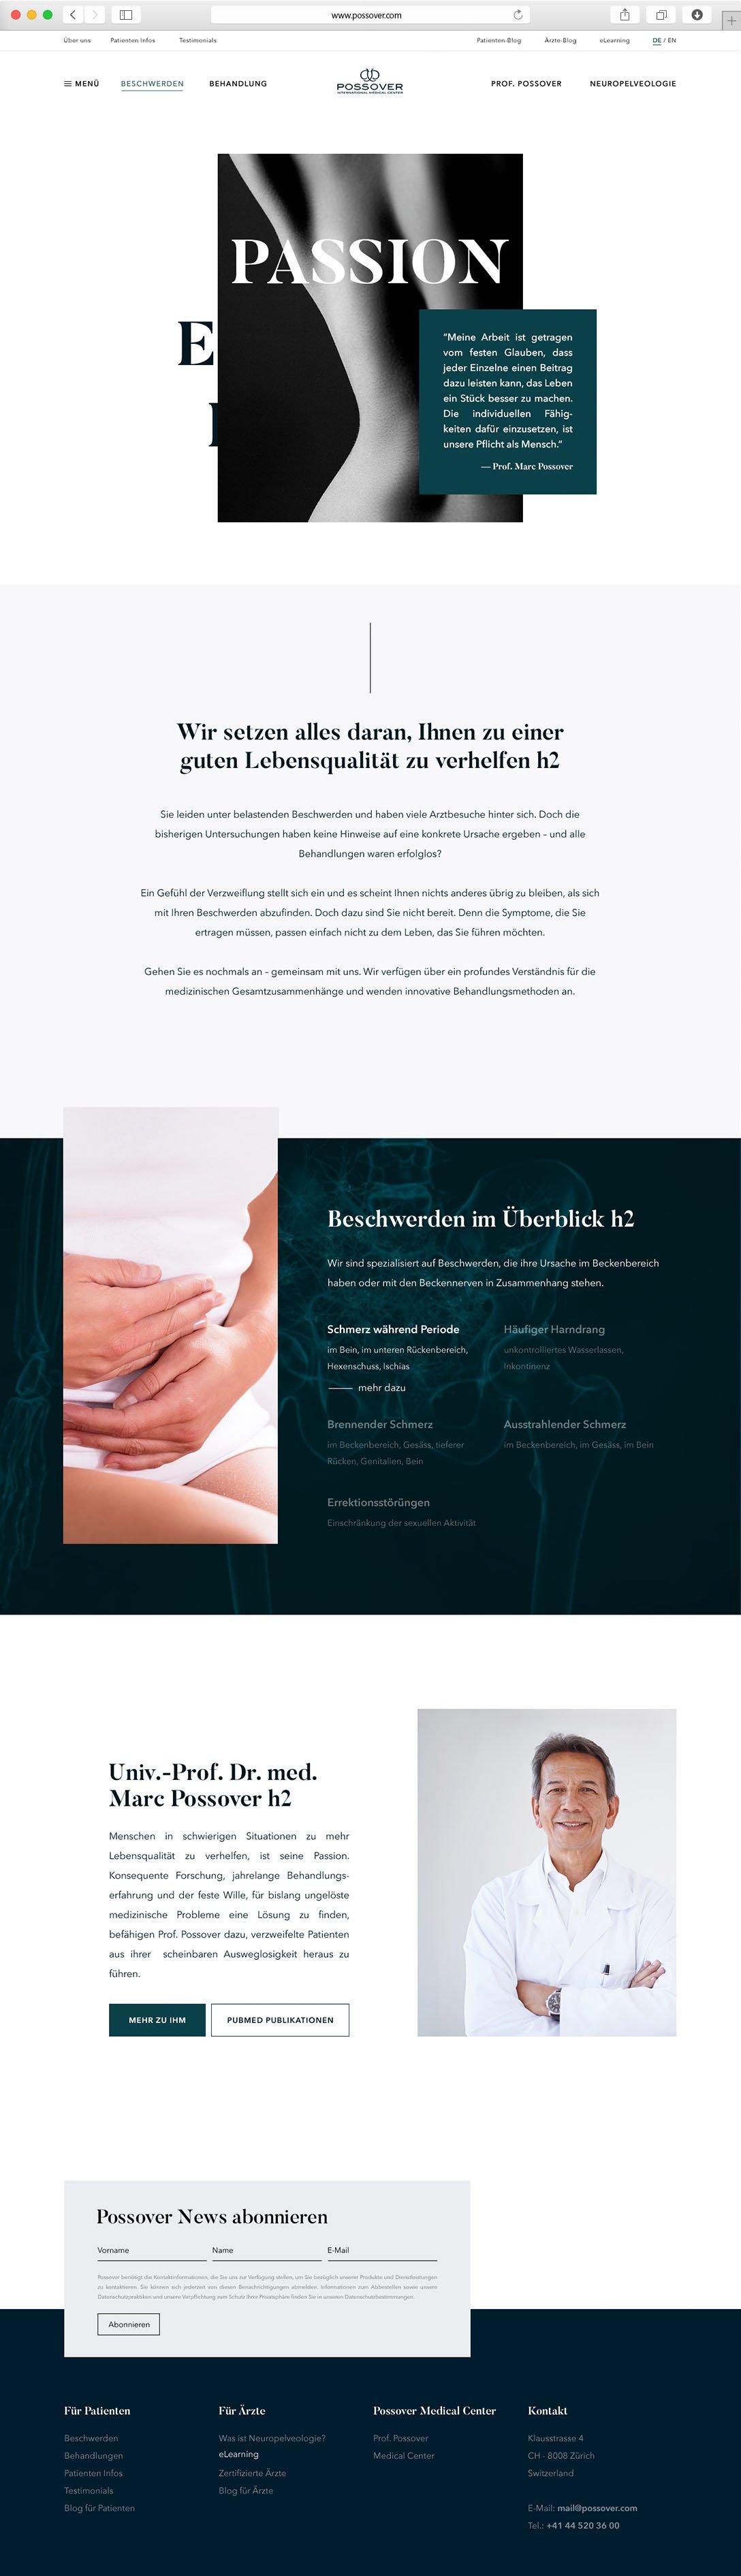 webdesign-bsp-possover-full